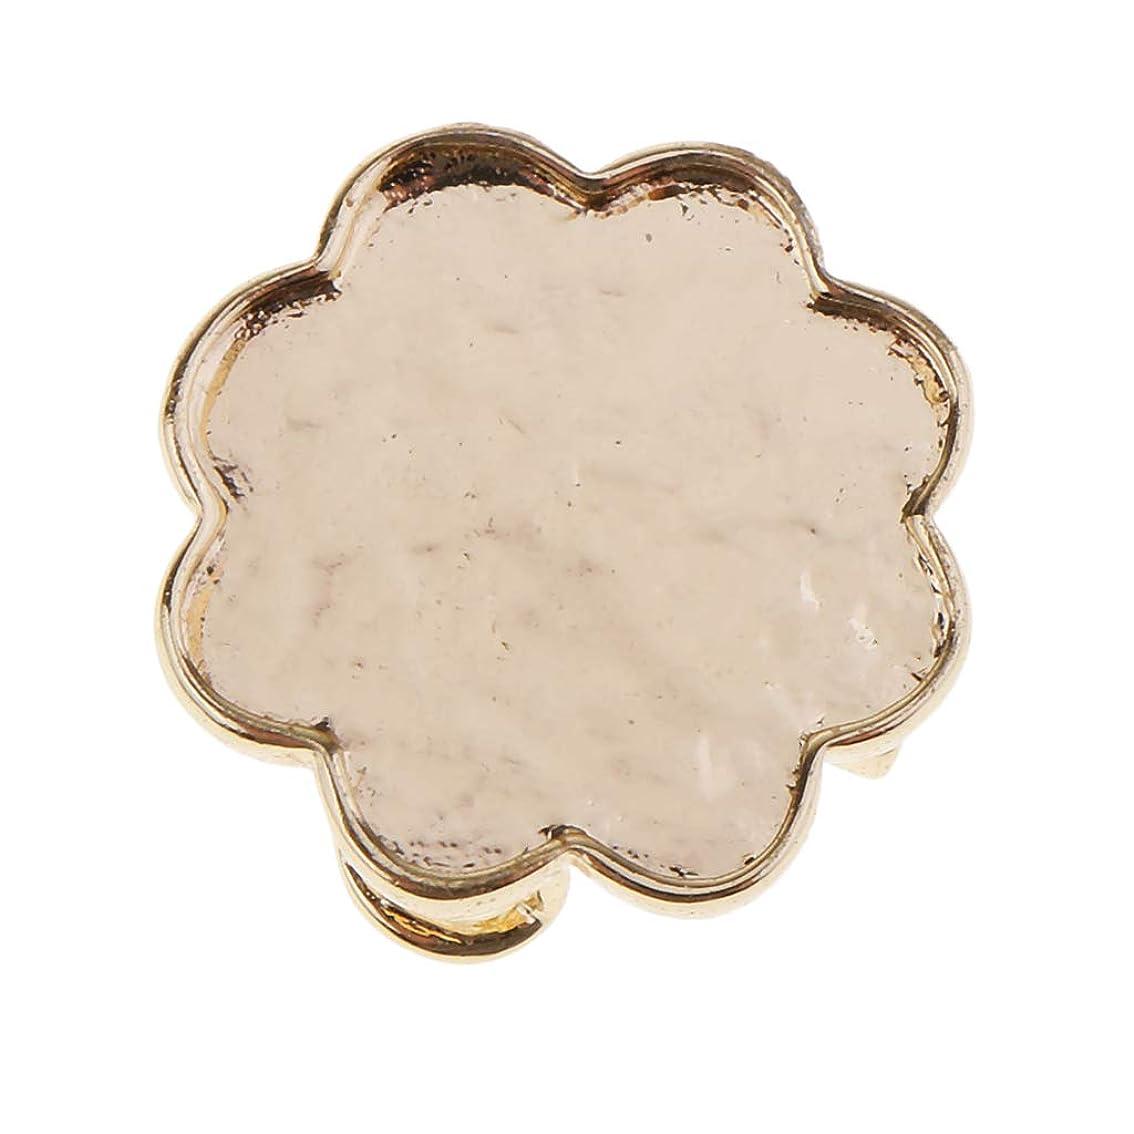 弁護有毒な添加剤ブローチ台 真鍮製 プラムの花形 安全ピン 手芸 DIY 安全ピン 宝石用 ビーズ用 工作 台座